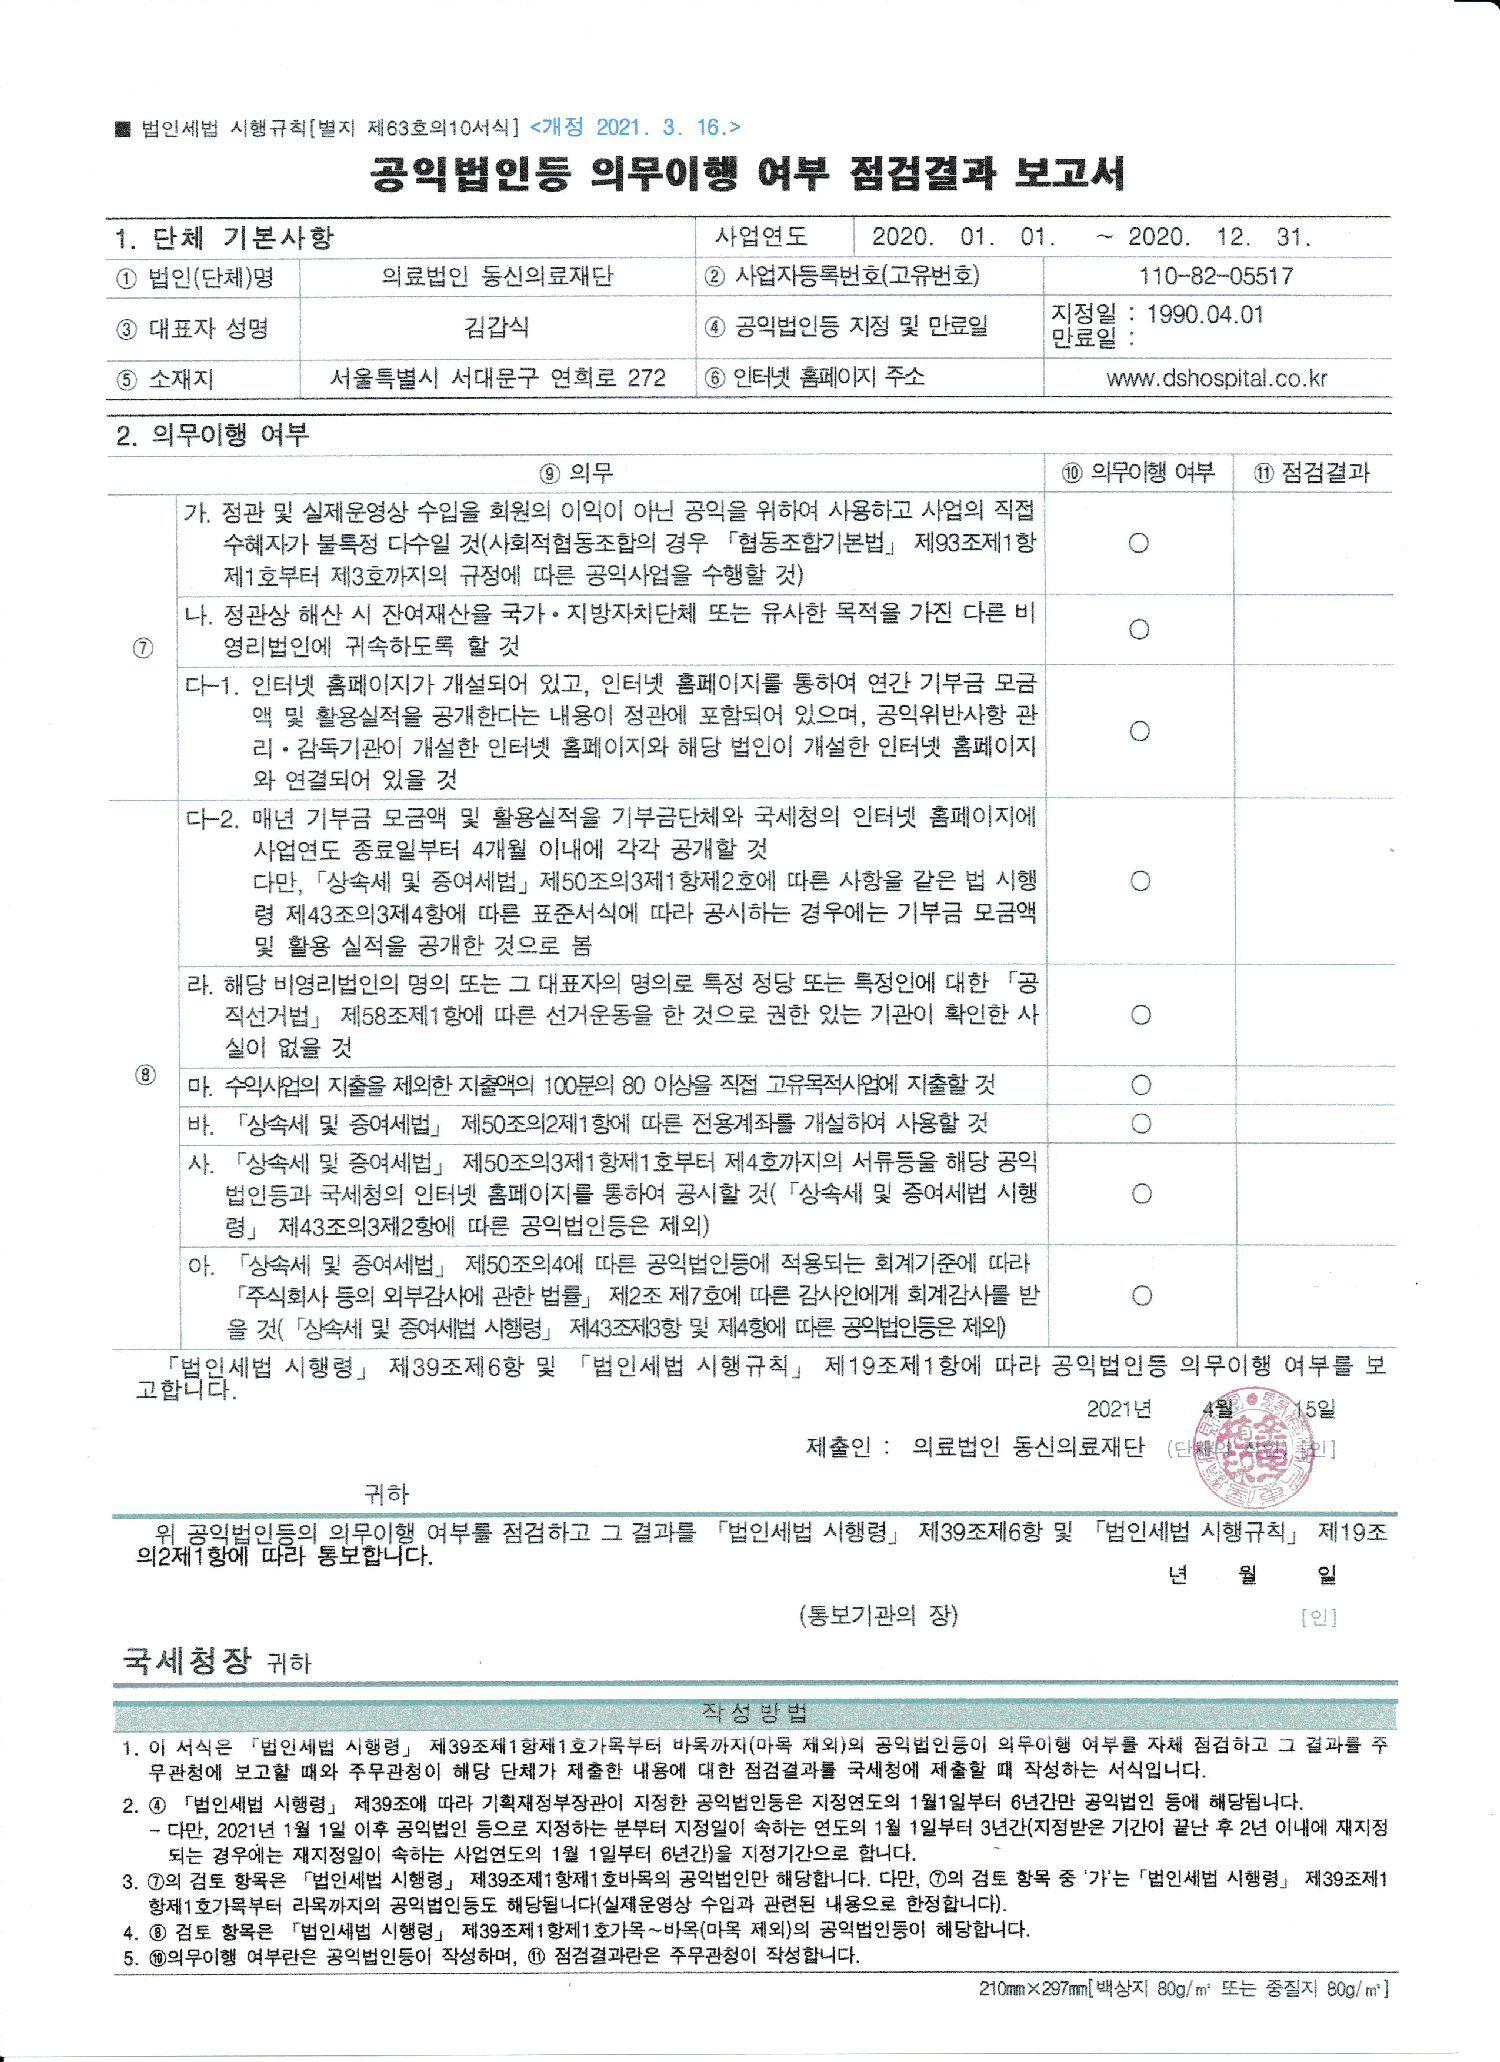 공익법인등 의무이행 여부 점검결과 보고서.jpg